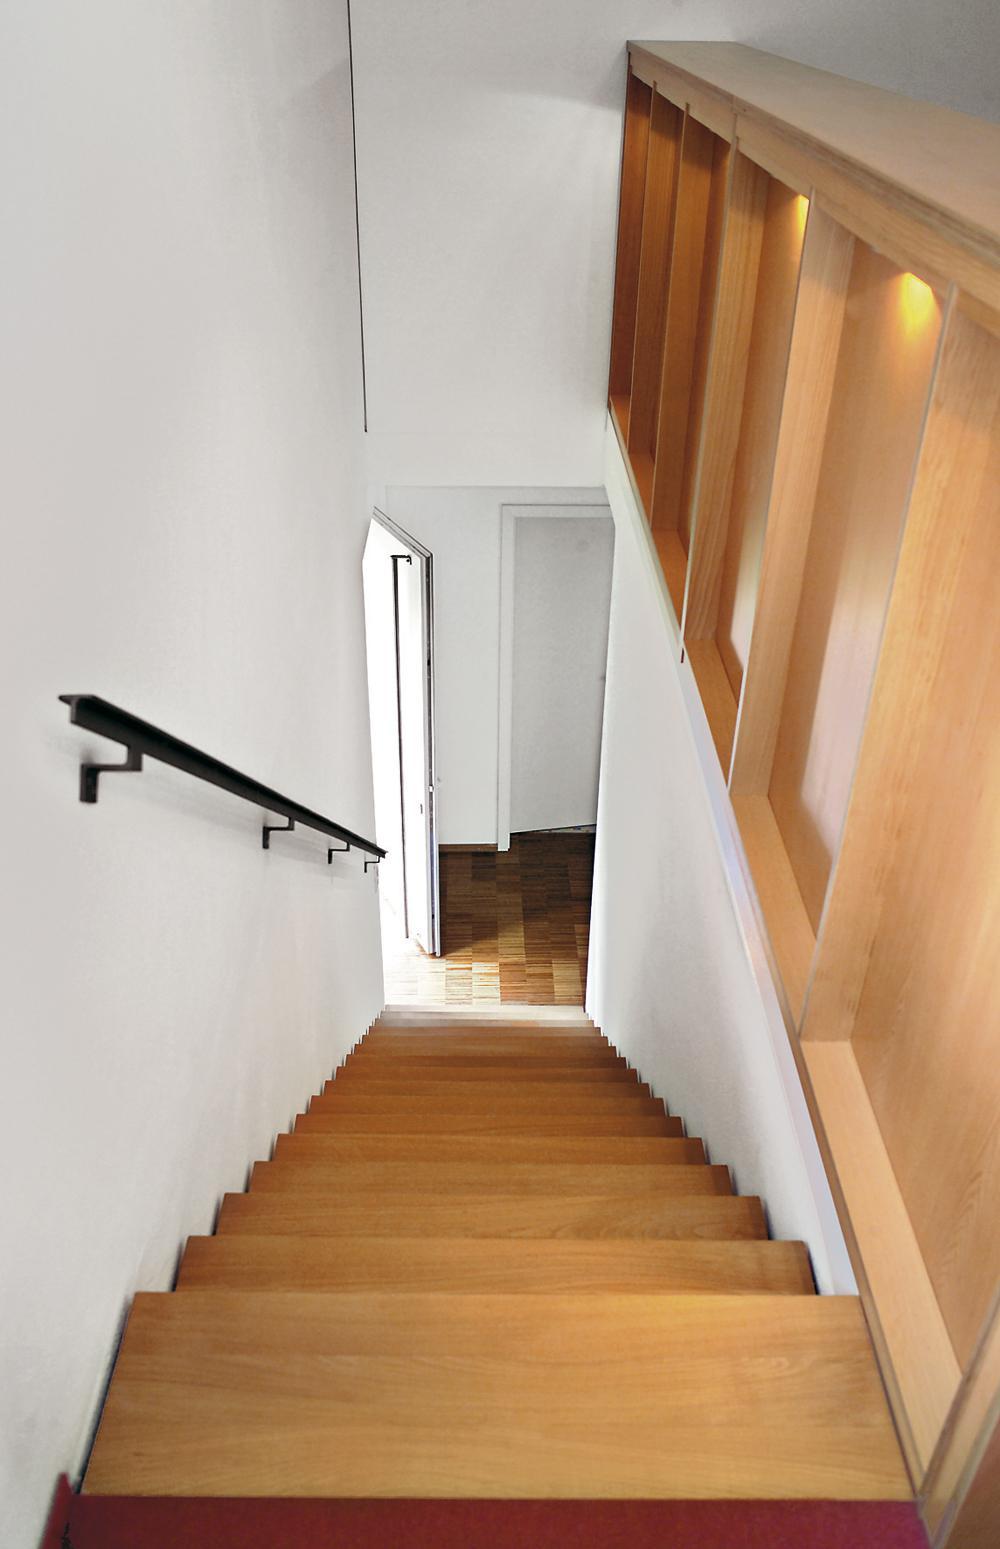 Einfamilienhaus in teublitz detail inspiration - Fabi architekten ...